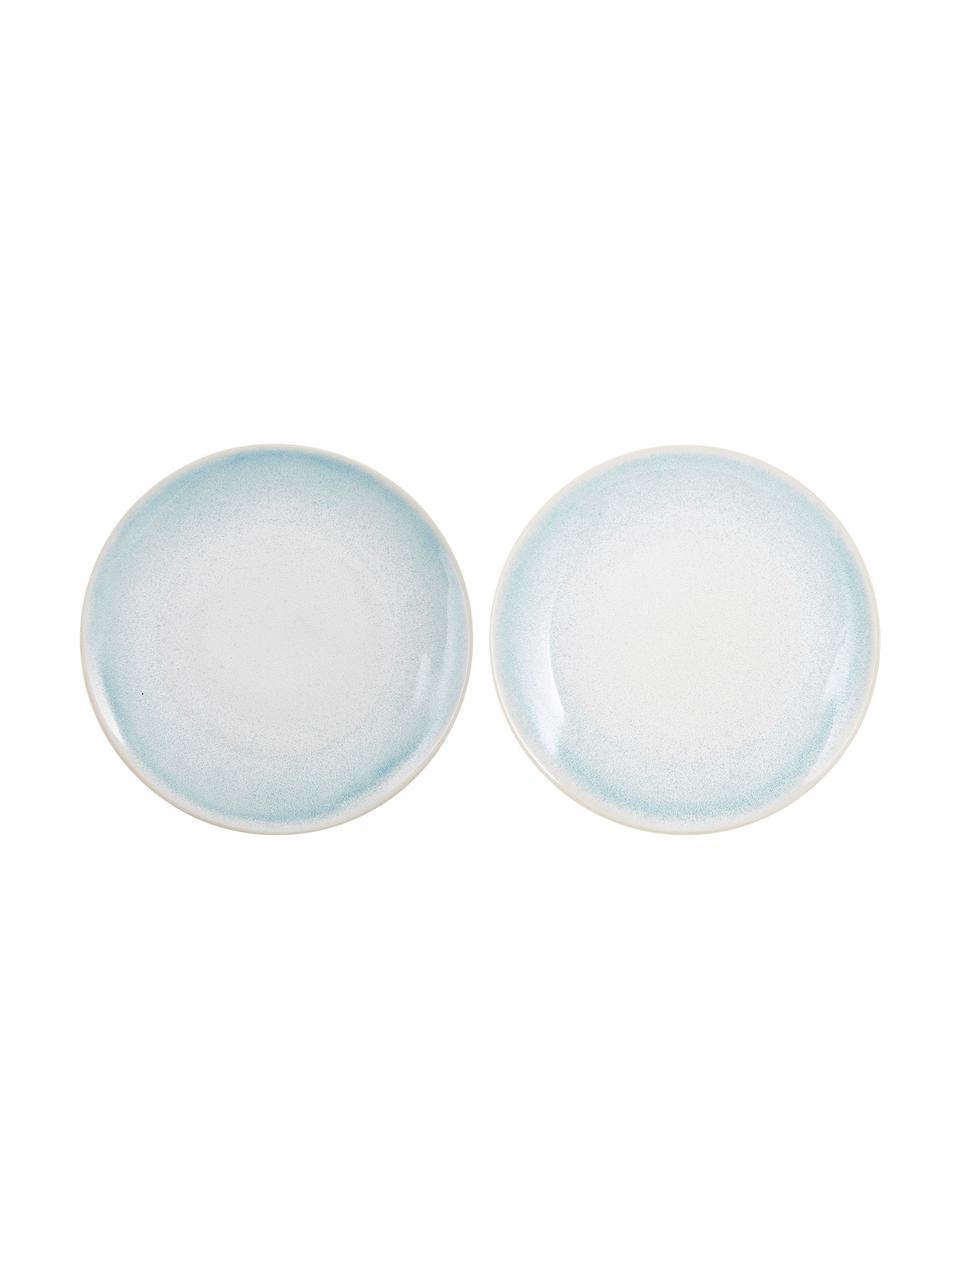 Assiette plate artisanale Amalia, 2pièces, Bleu ciel, blanc crème